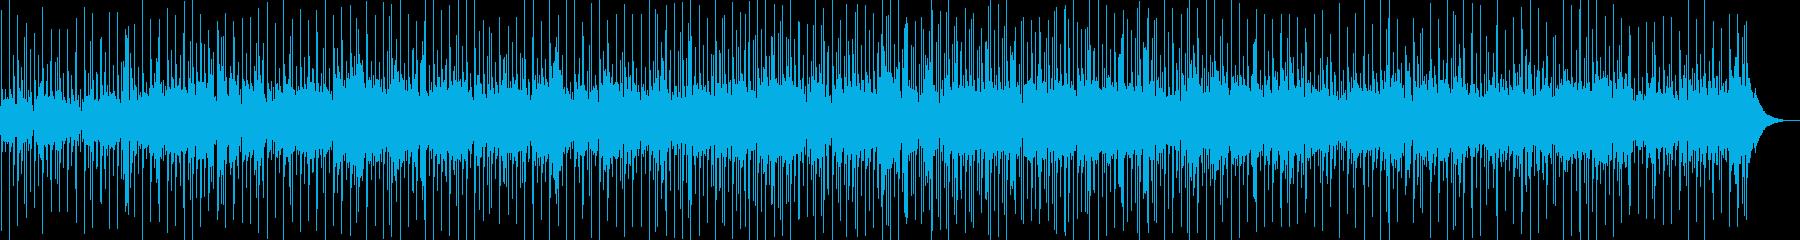 爽やかなギターボサノバの再生済みの波形